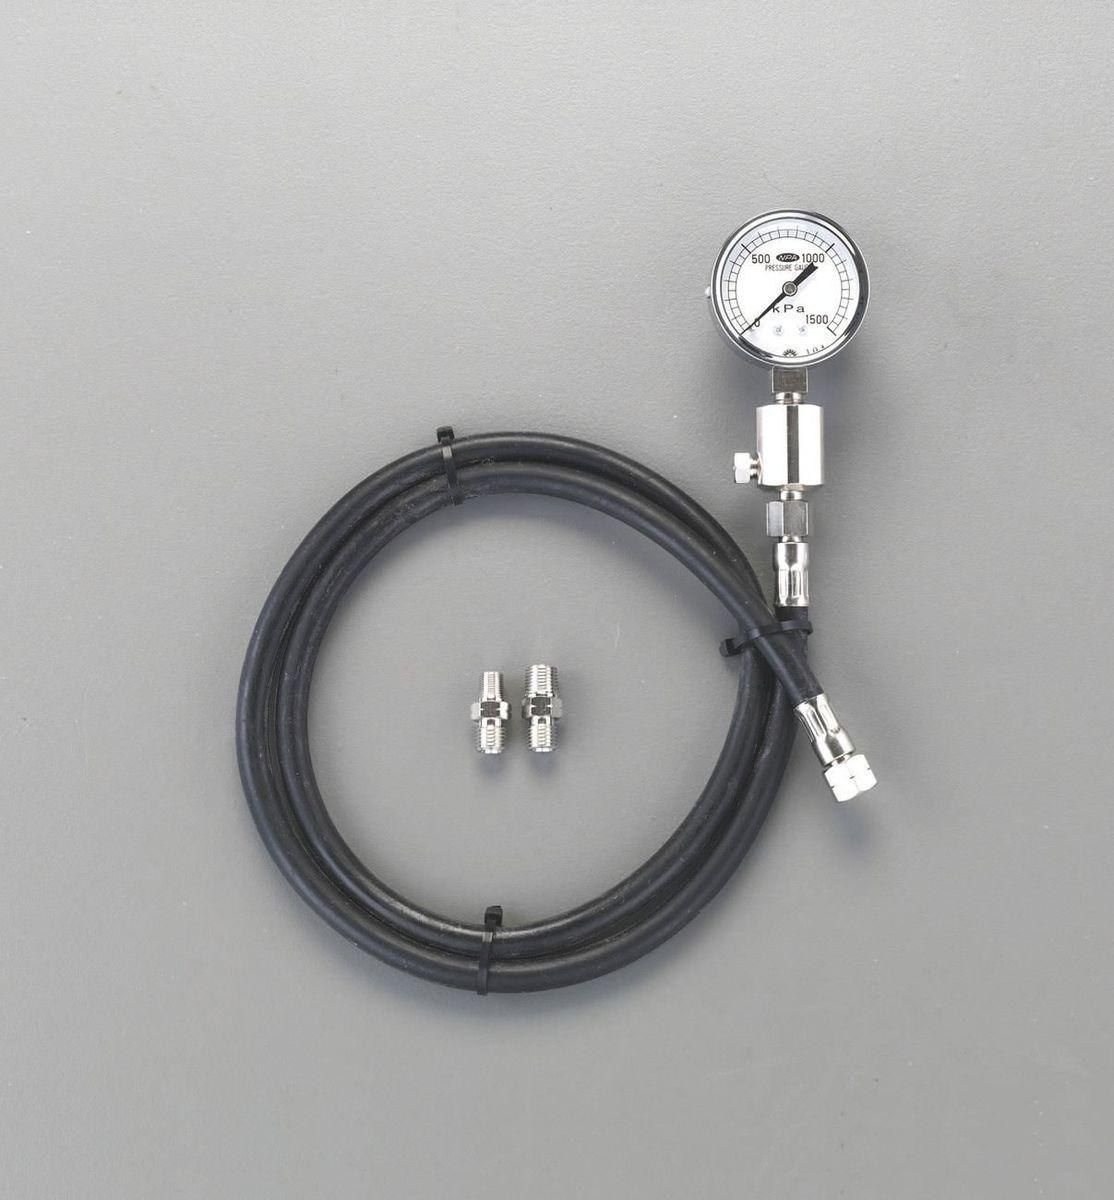 【メーカー在庫あり】 エスコ ESCO 1500kPa/60mm 低圧用油圧計 000012208639 HD